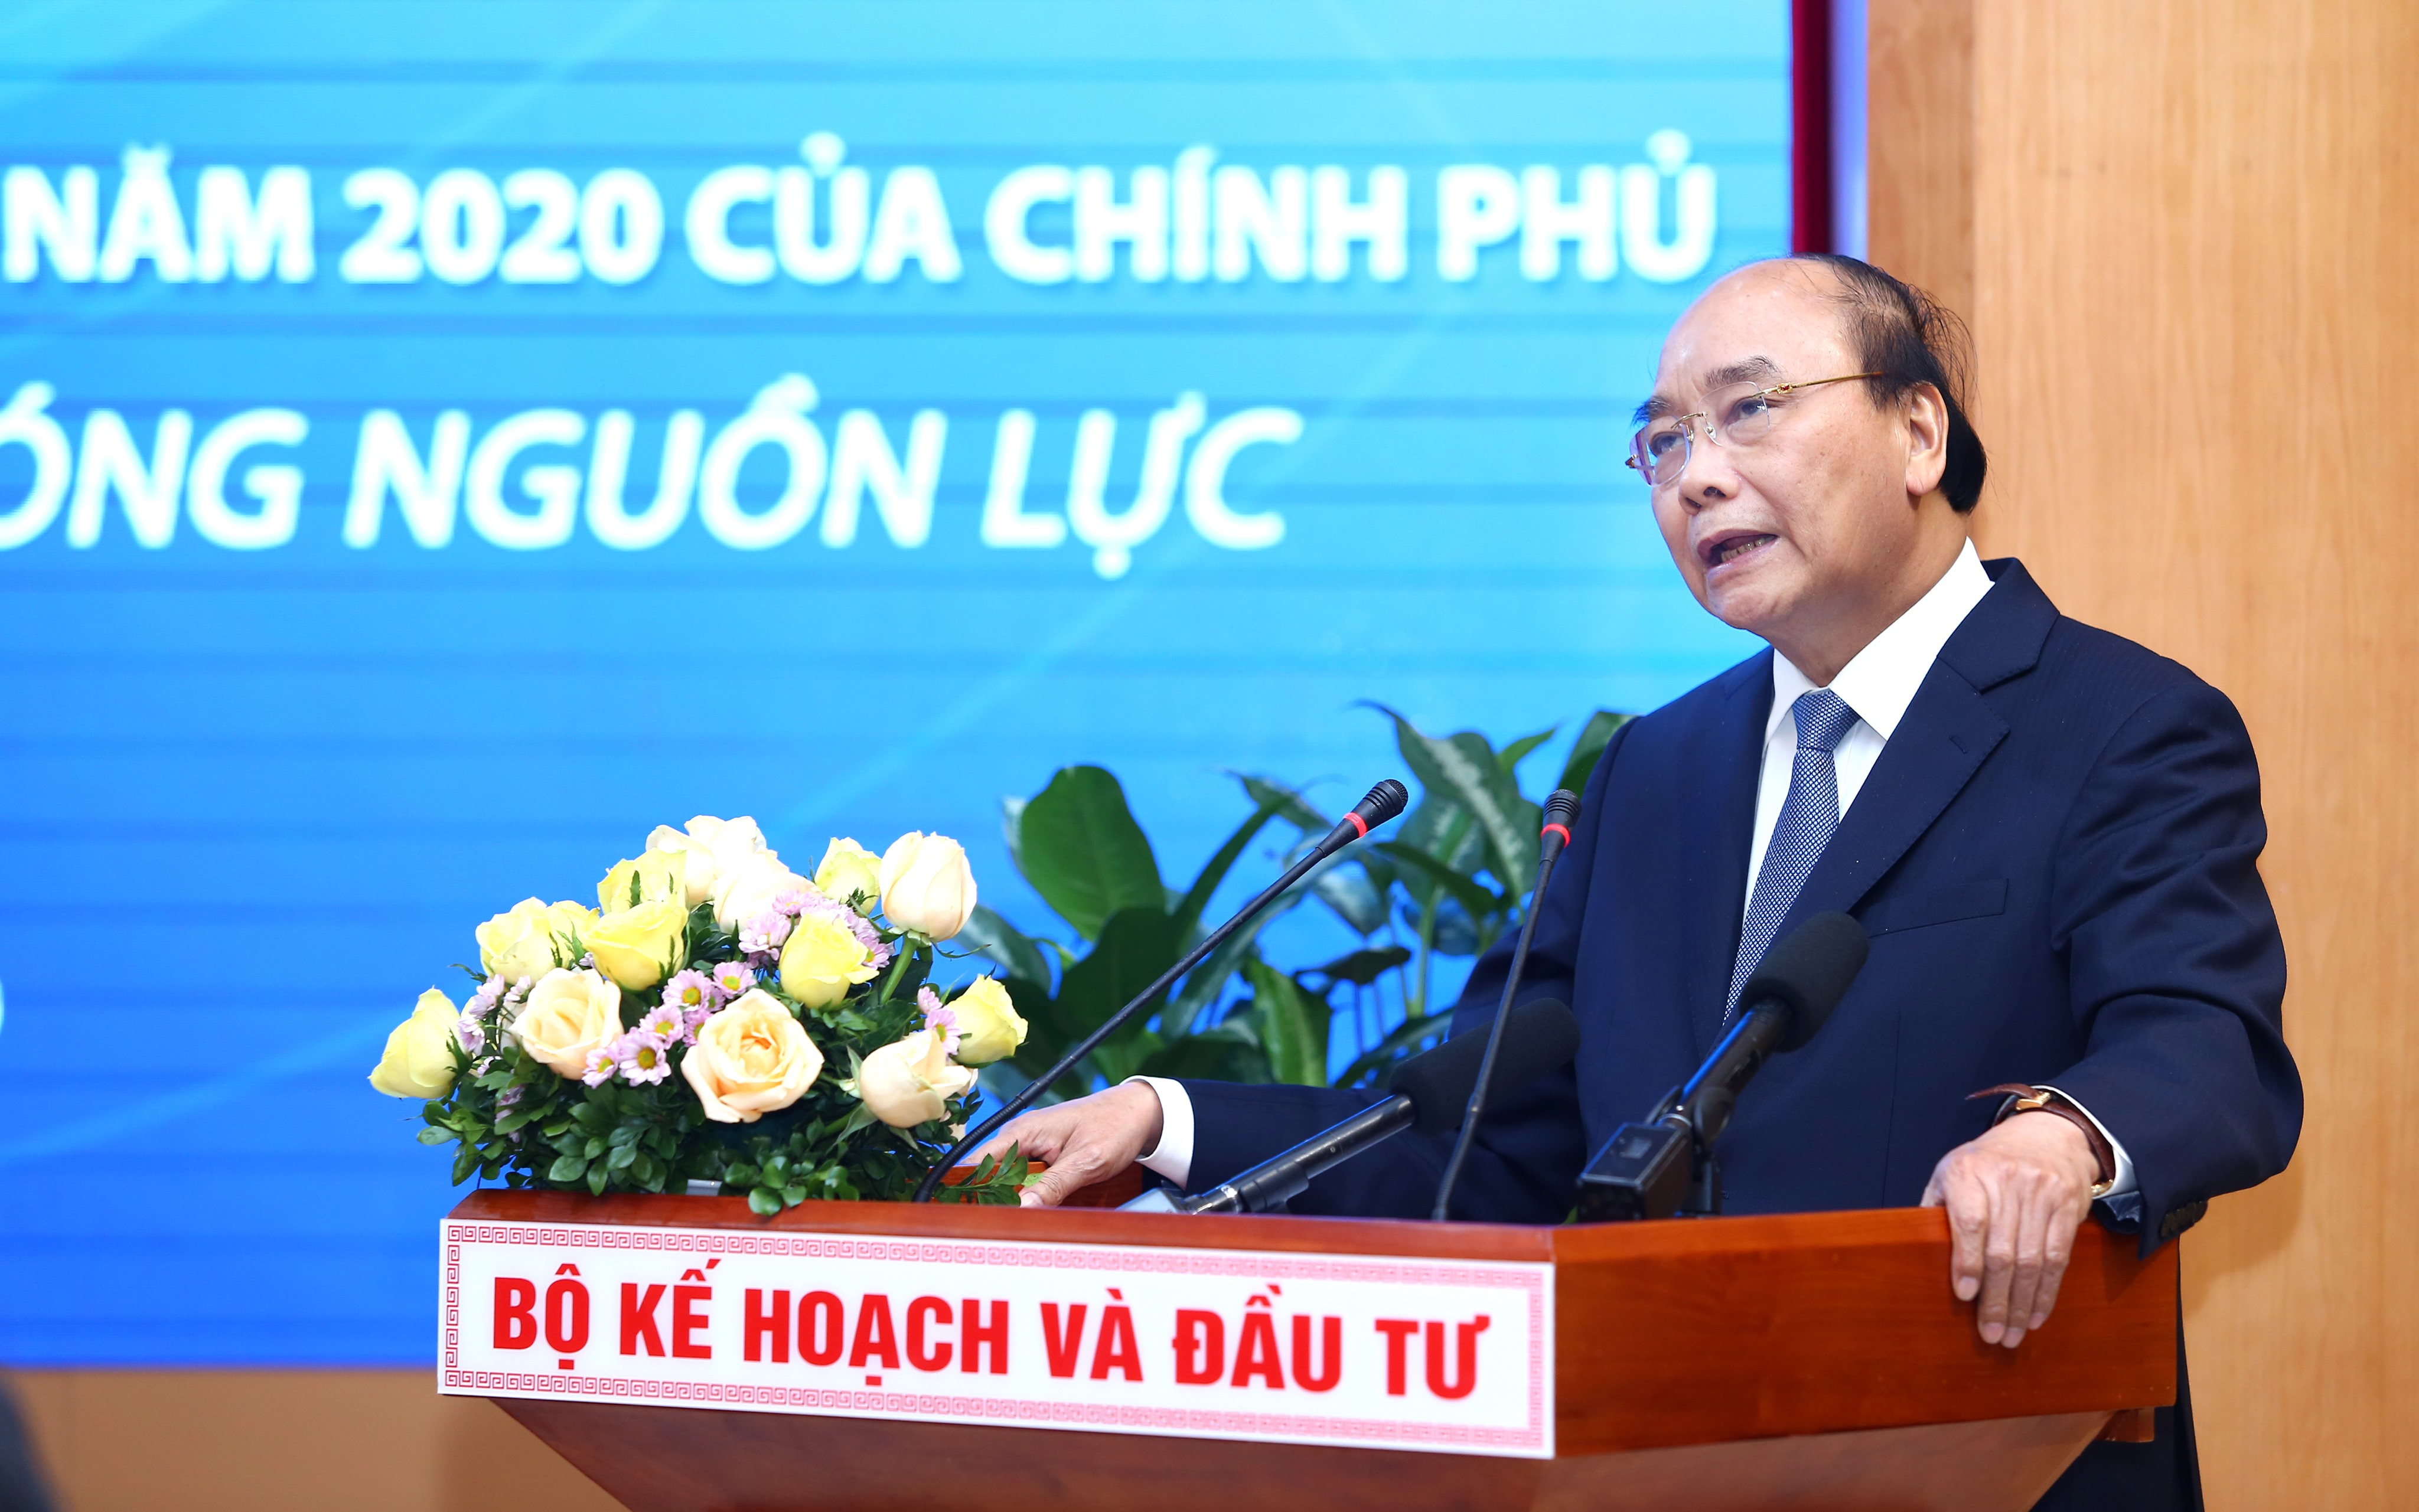 Thủ tướng gợi ý hai phương án đổi tên Bộ Kế hoạch và Đầu tư trong tương lai